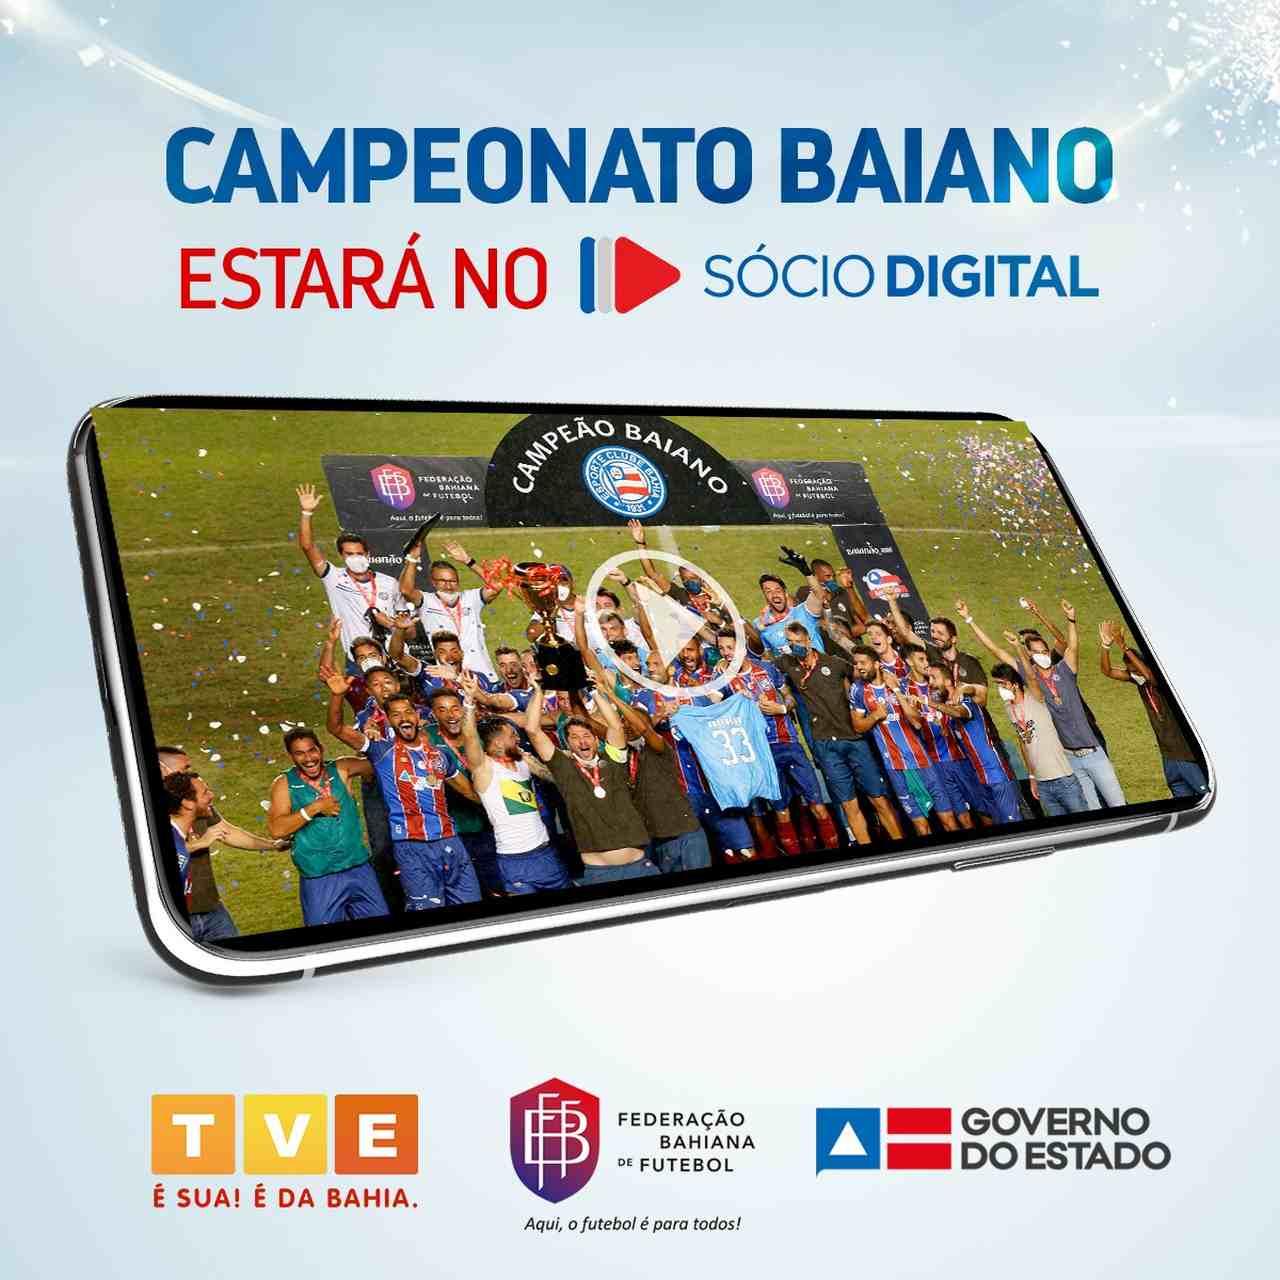 Anúncio da transmissão dos jogos do Bahia no Estadual a partir do aplicativo Sócio Digital